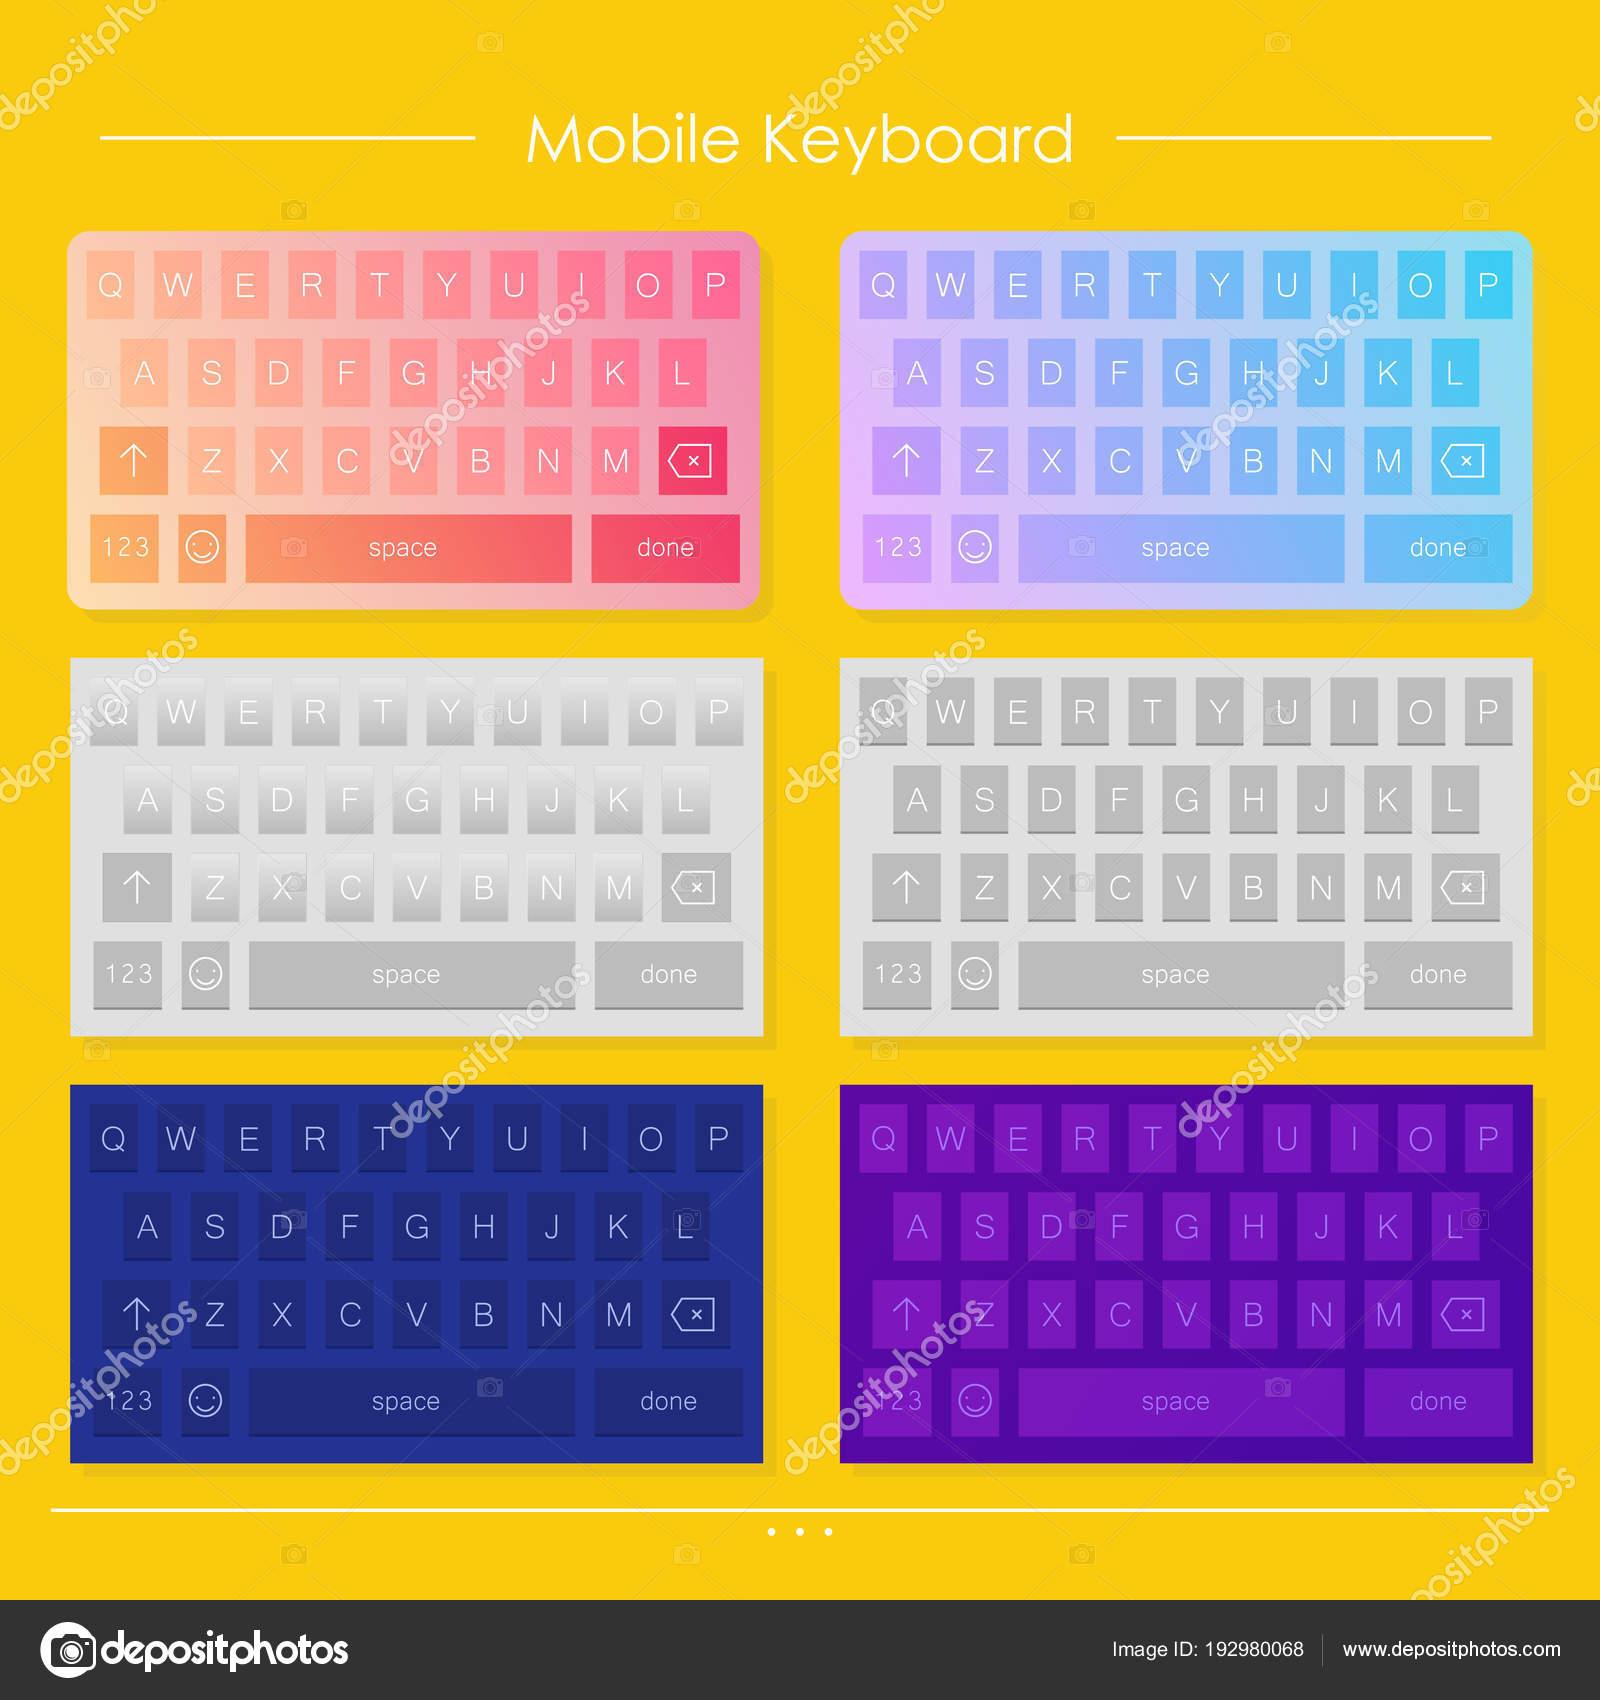 Plantilla de diseños móviles teclado — Fotos de Stock © annetdebar ...